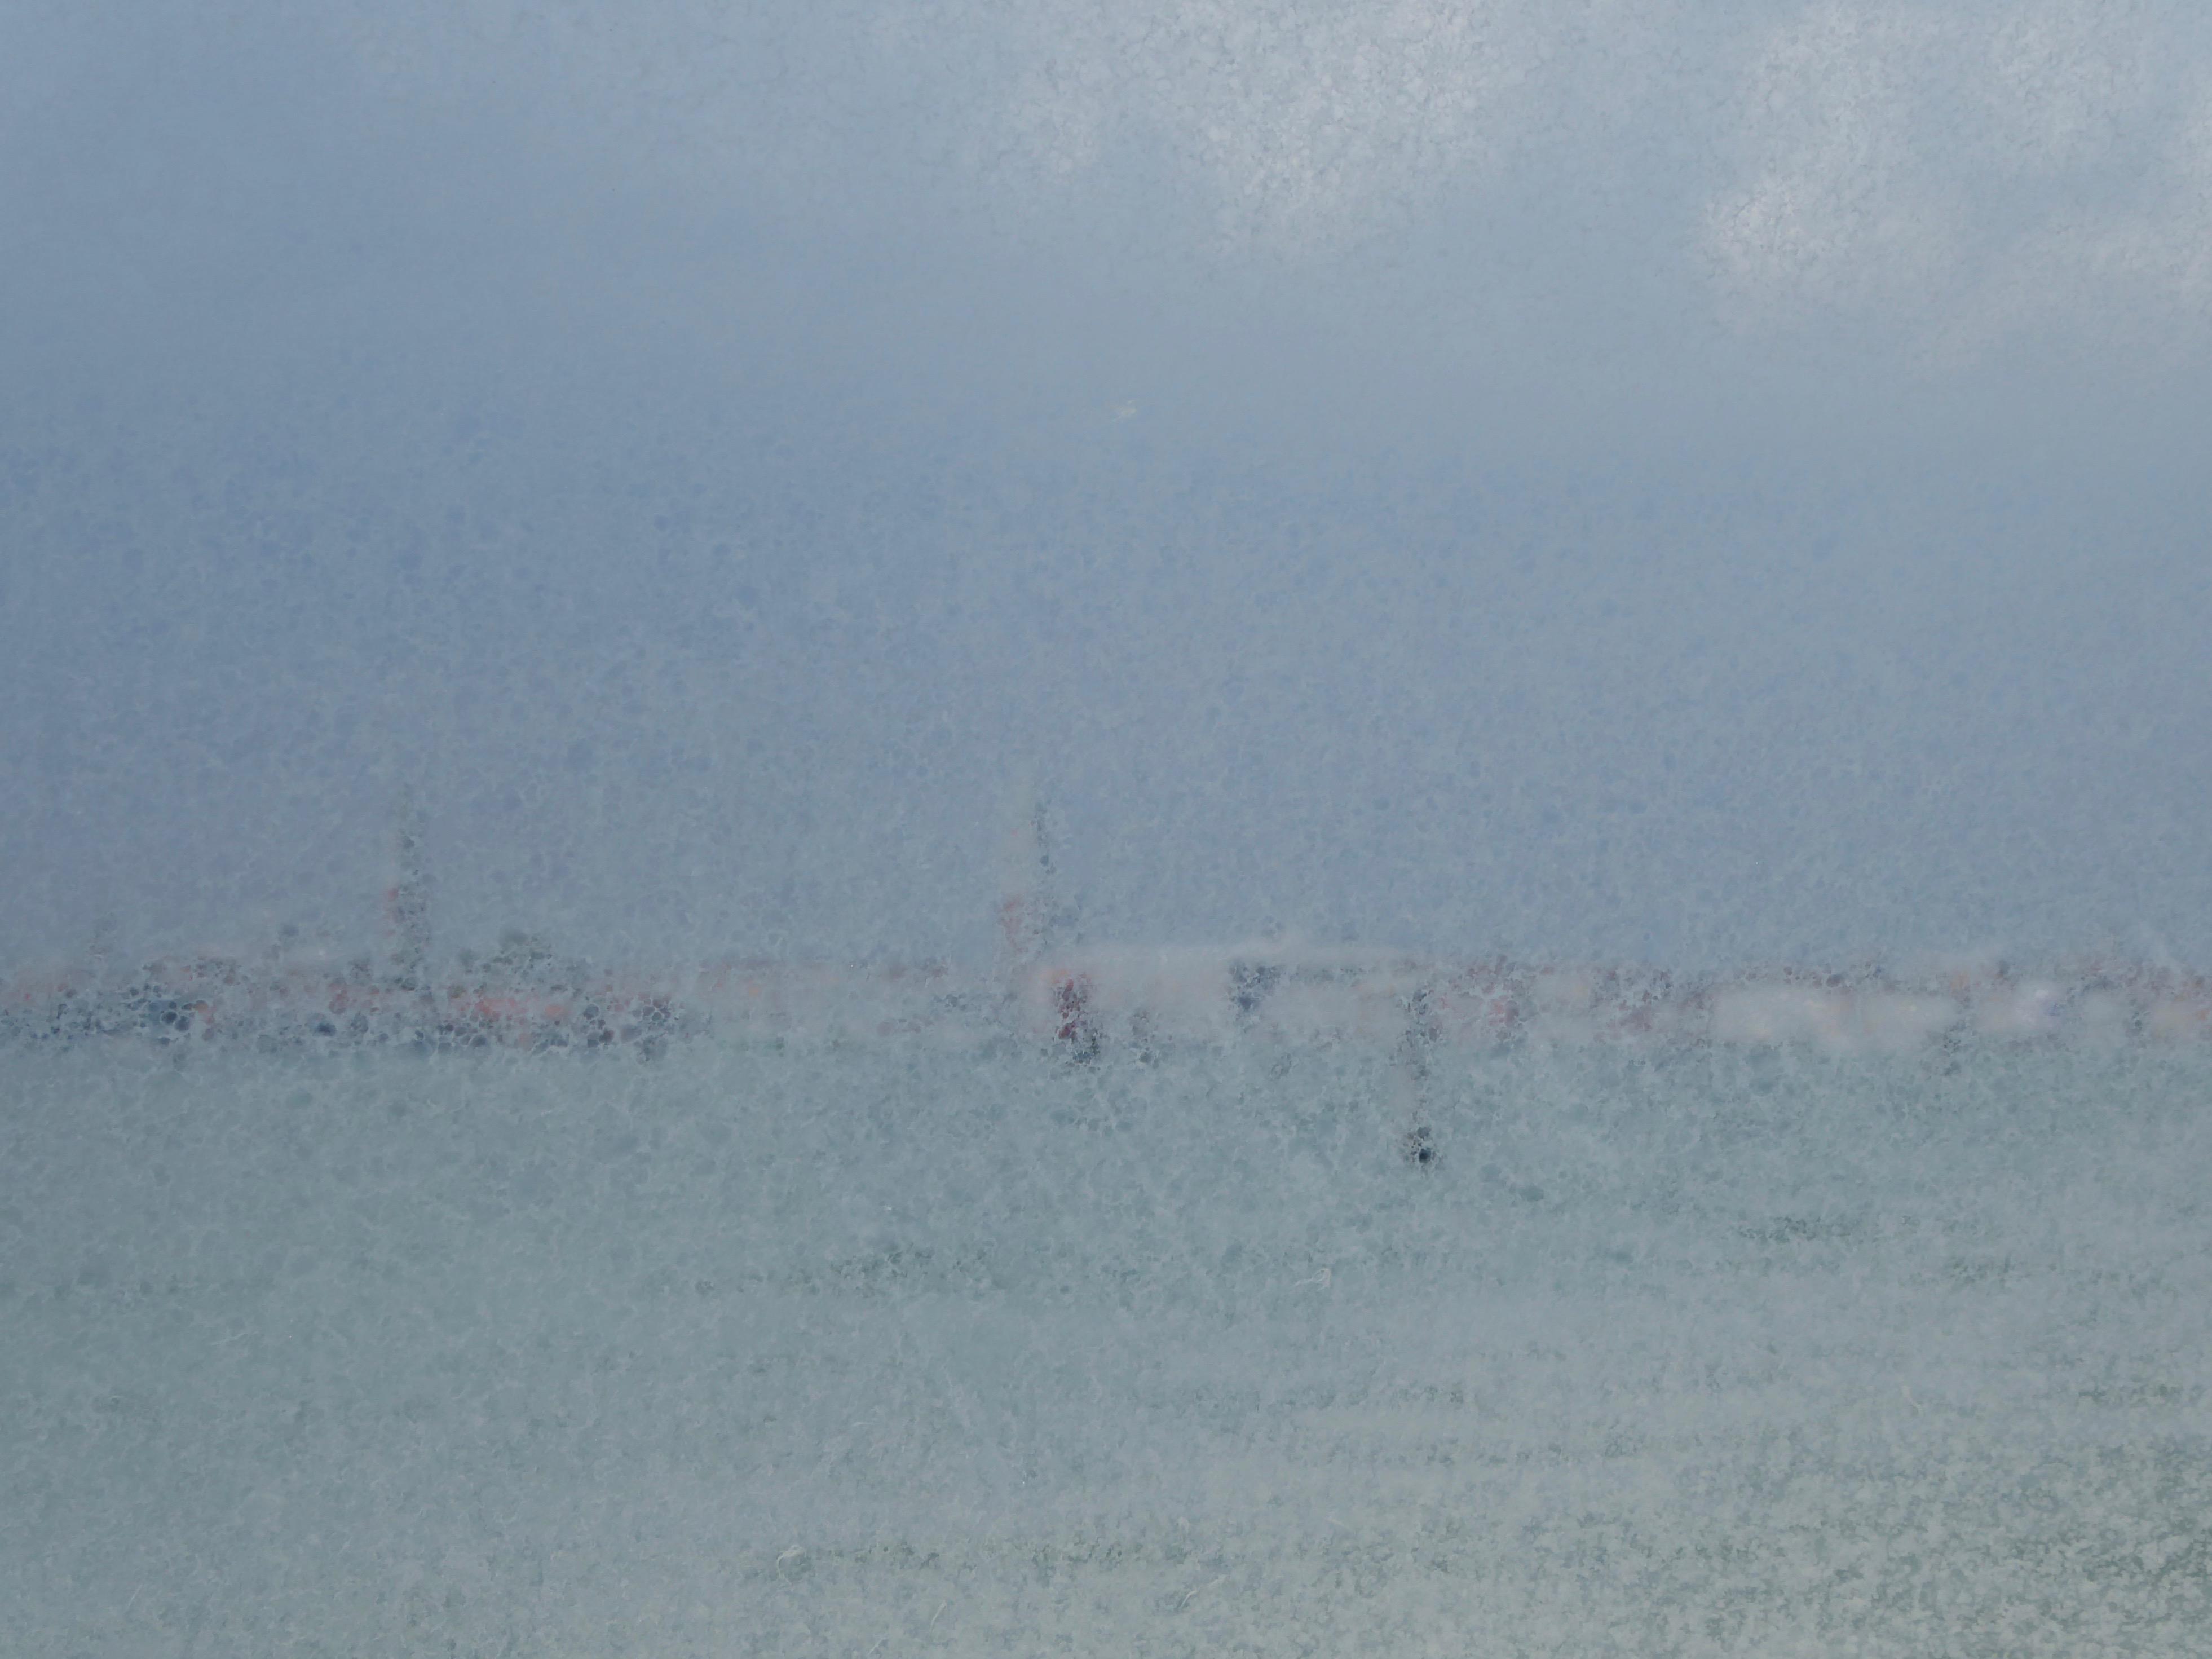 190525_lagune_2